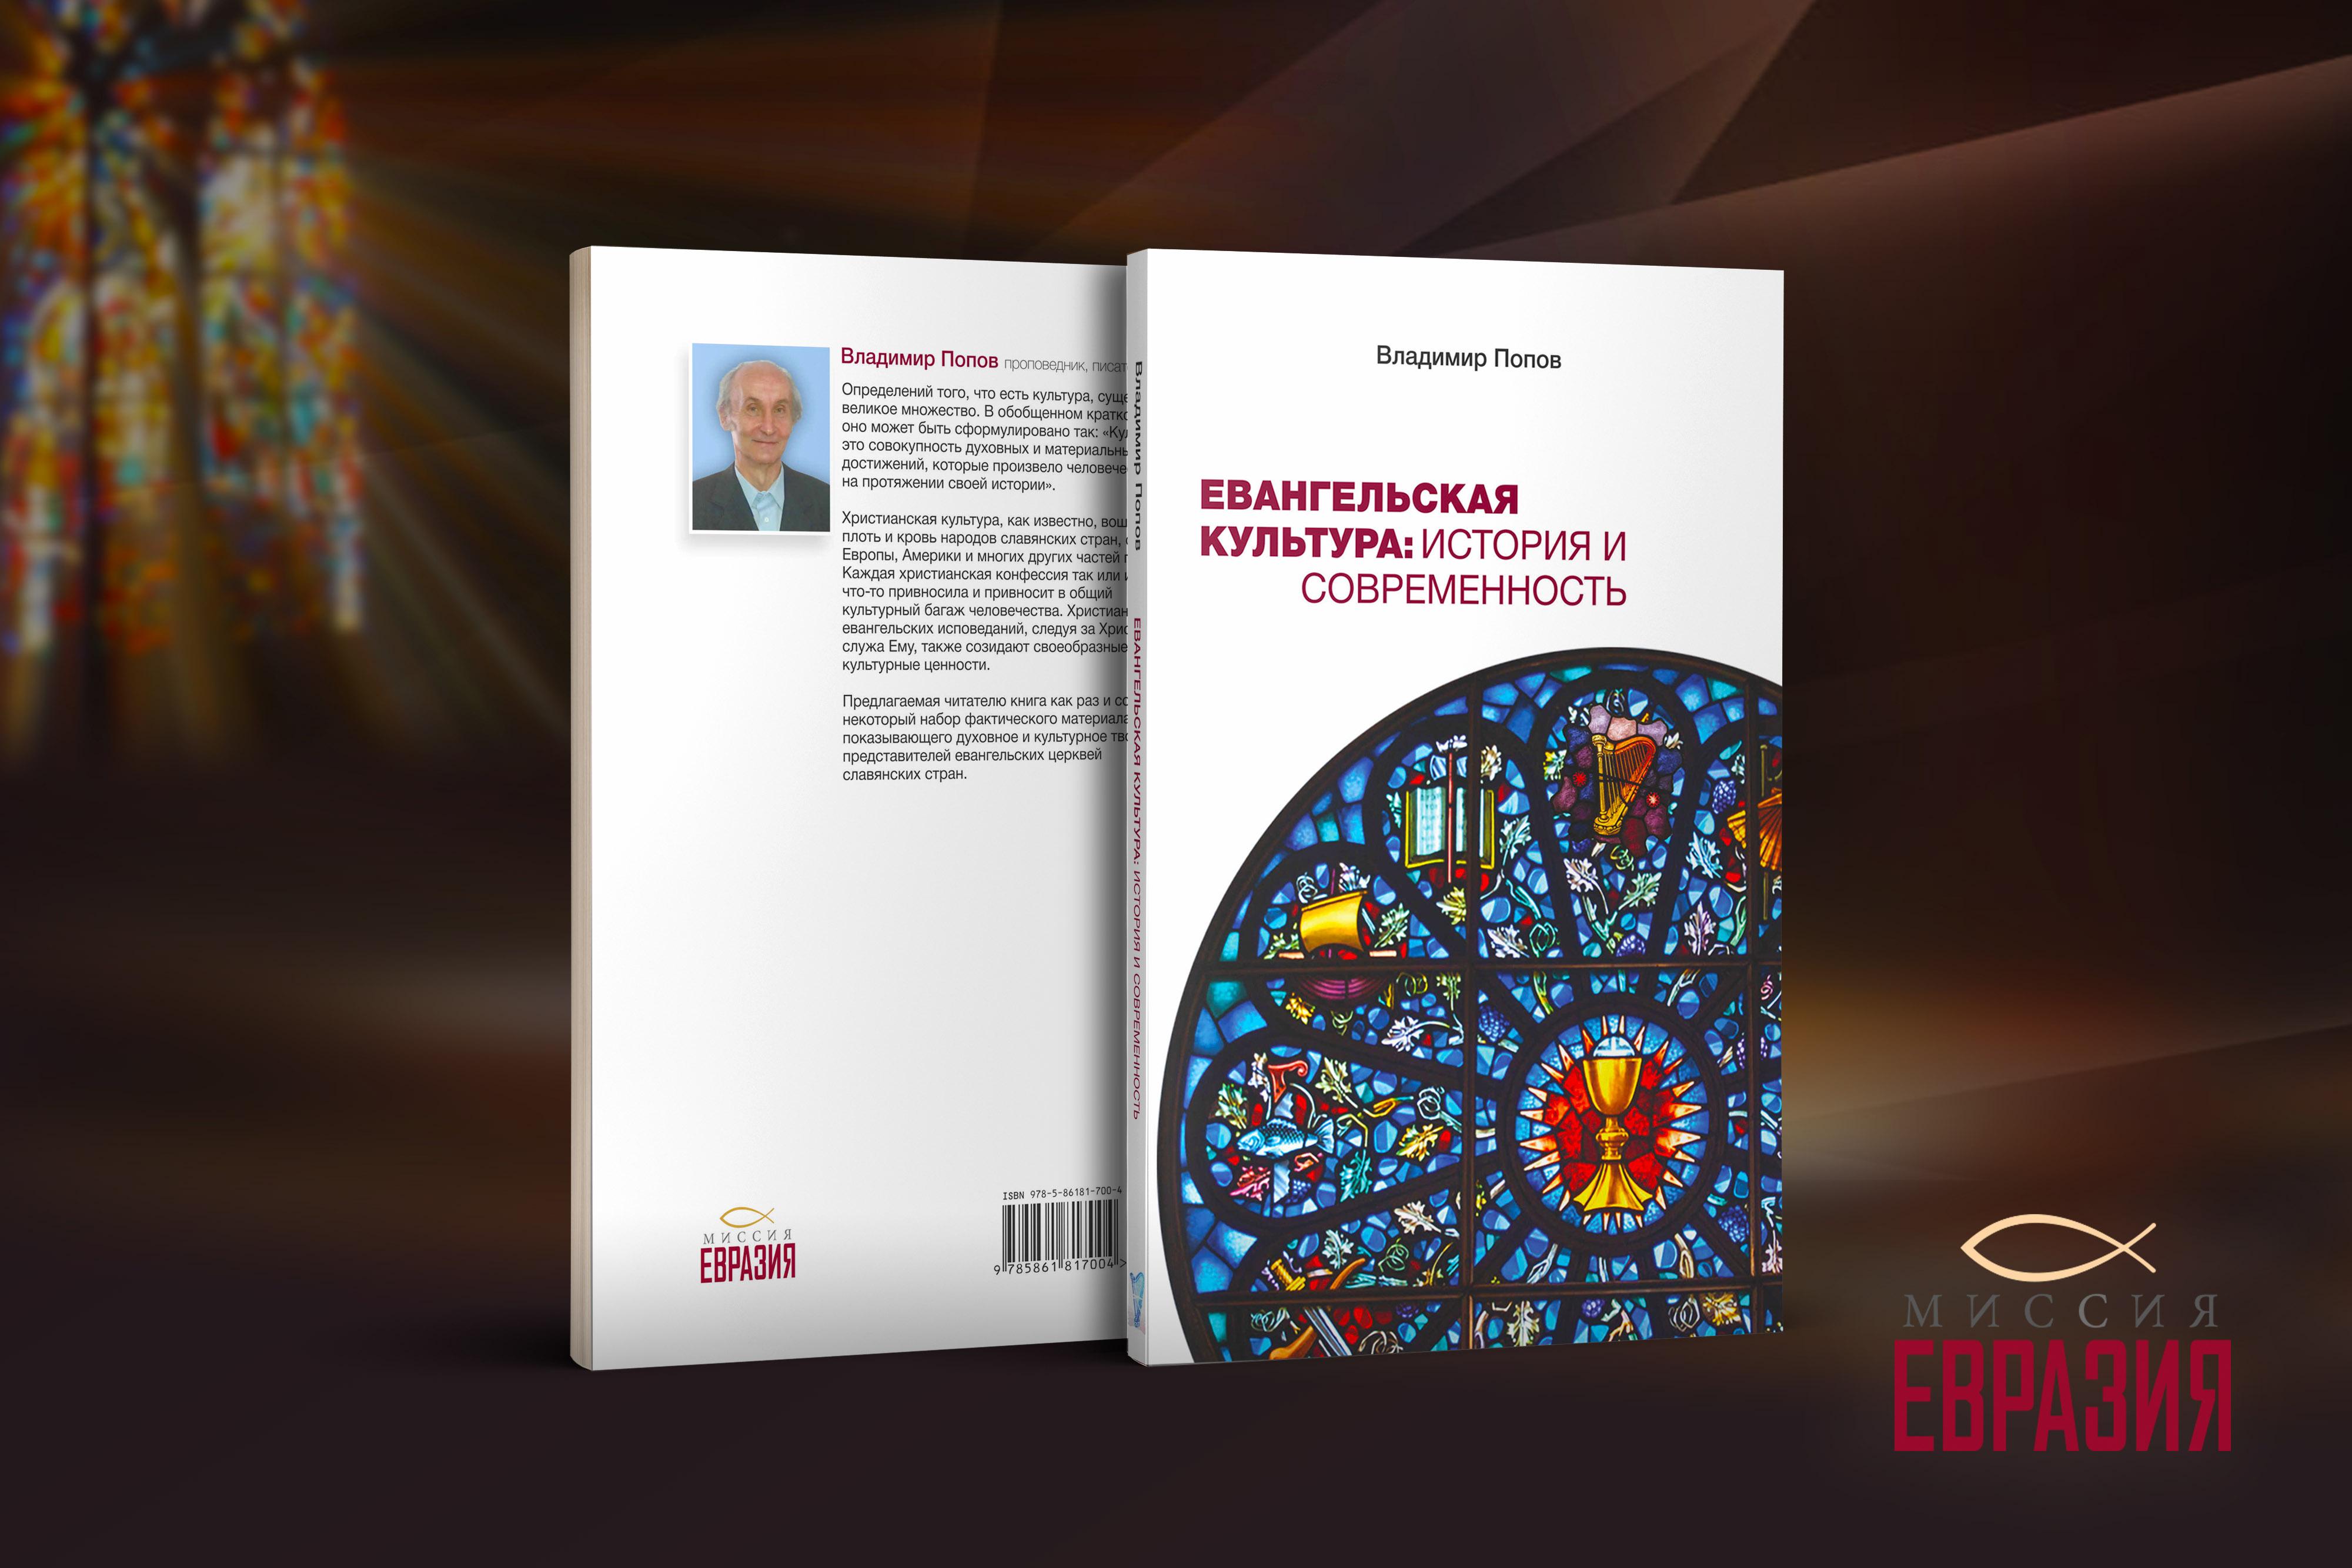 Евангельская культура — это совокупность духовных и материальных достижений христиан в обществе